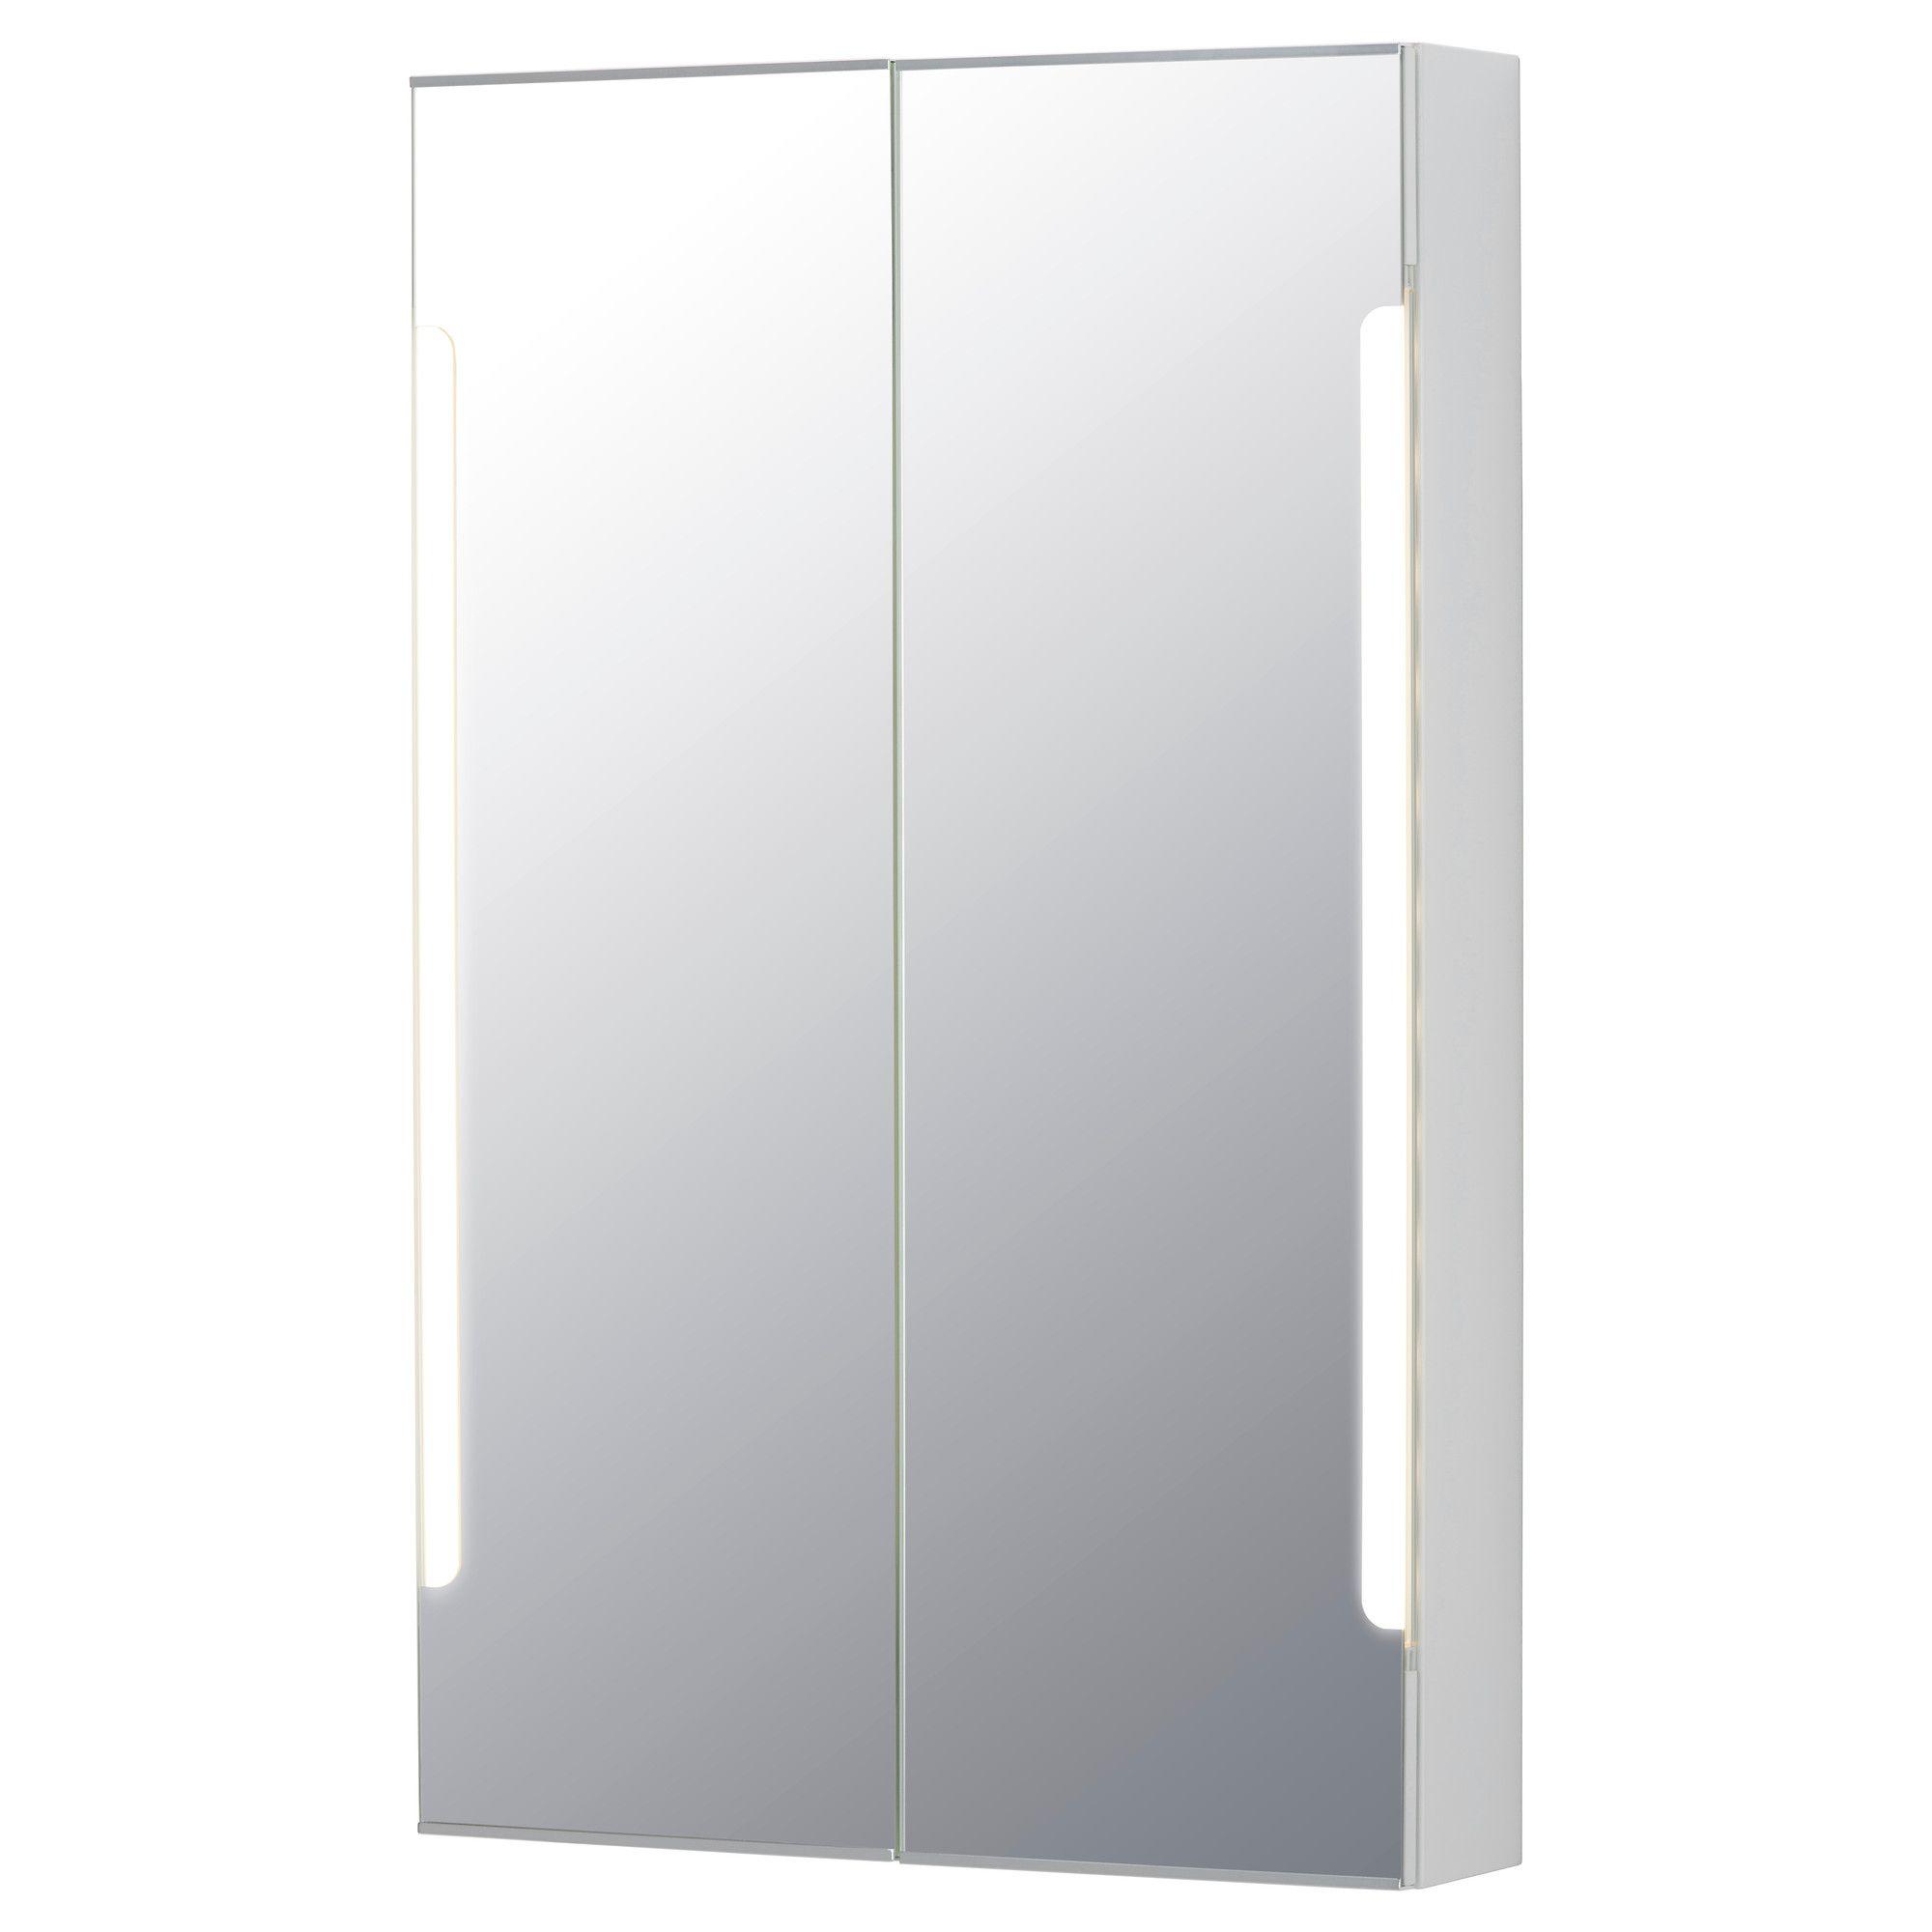 storjorm spiegelschrank m 2 t ren int bel wei einrichtung pinterest spiegelschrank. Black Bedroom Furniture Sets. Home Design Ideas